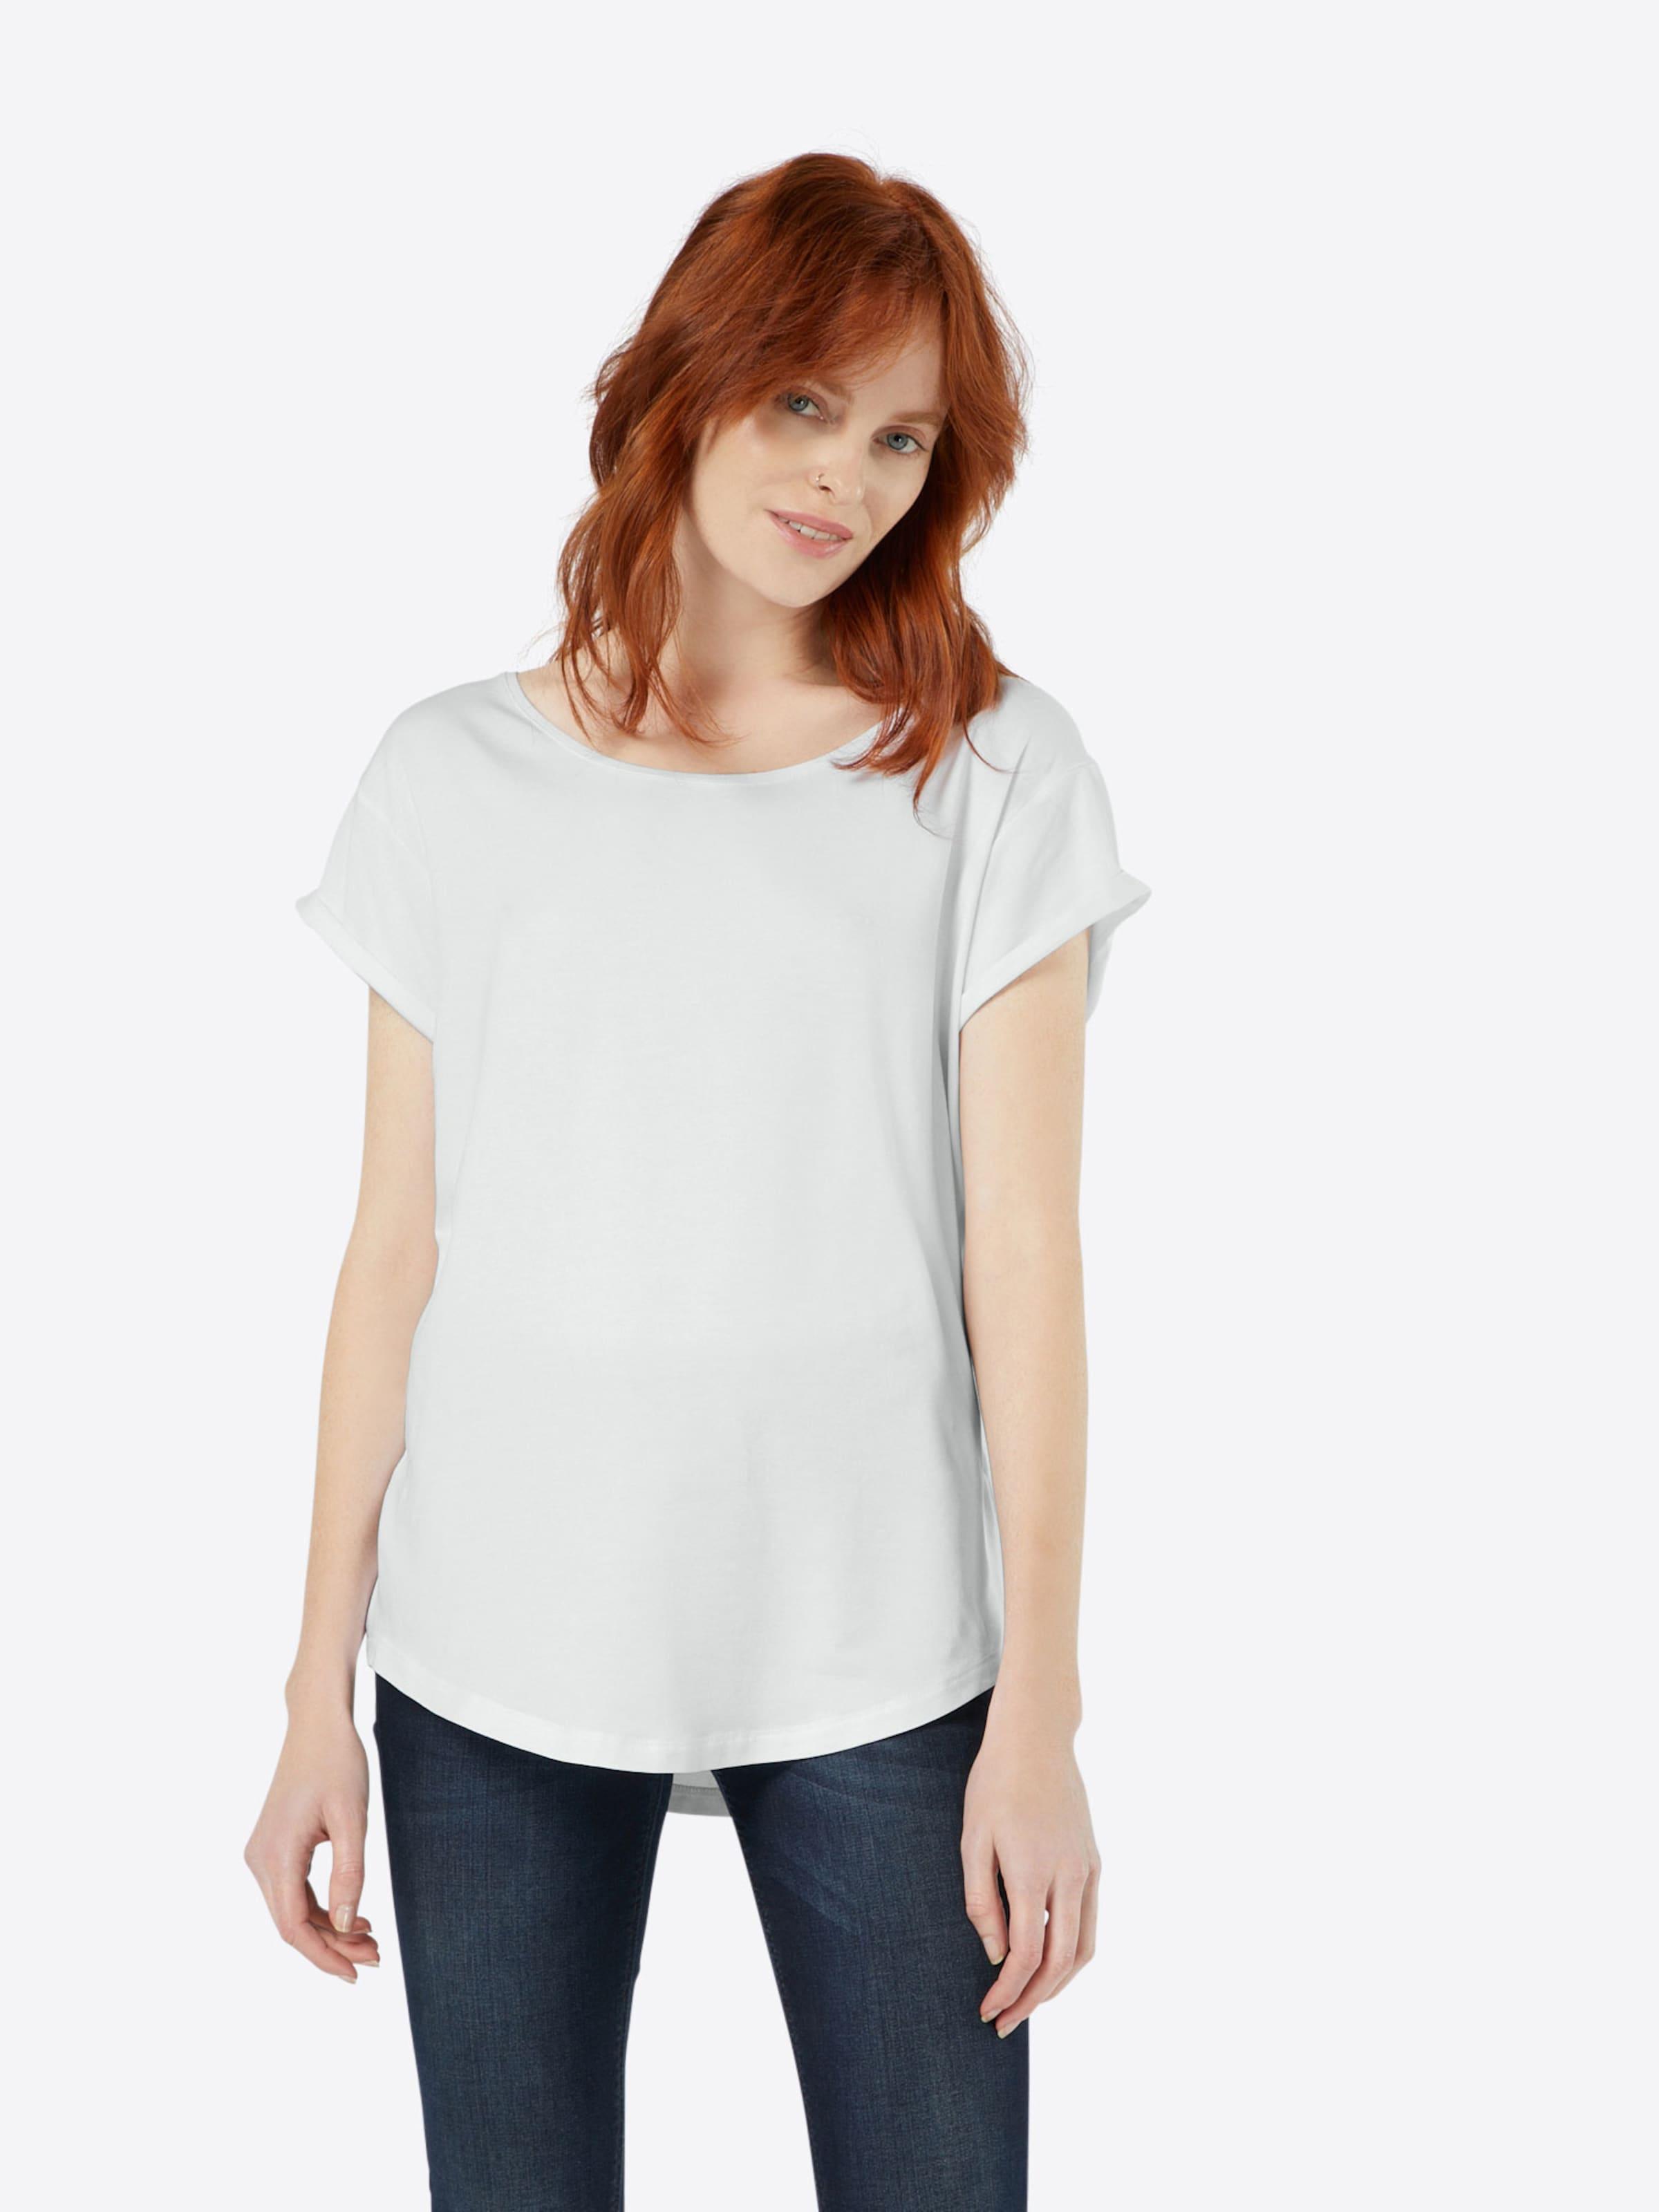 Online Kaufen Neue Niedrigster Preis Günstig Online mbym Basic-Shirt 'Nisha' Suche Nach Online 2018 Billig Verkaufen g4zo2CqU